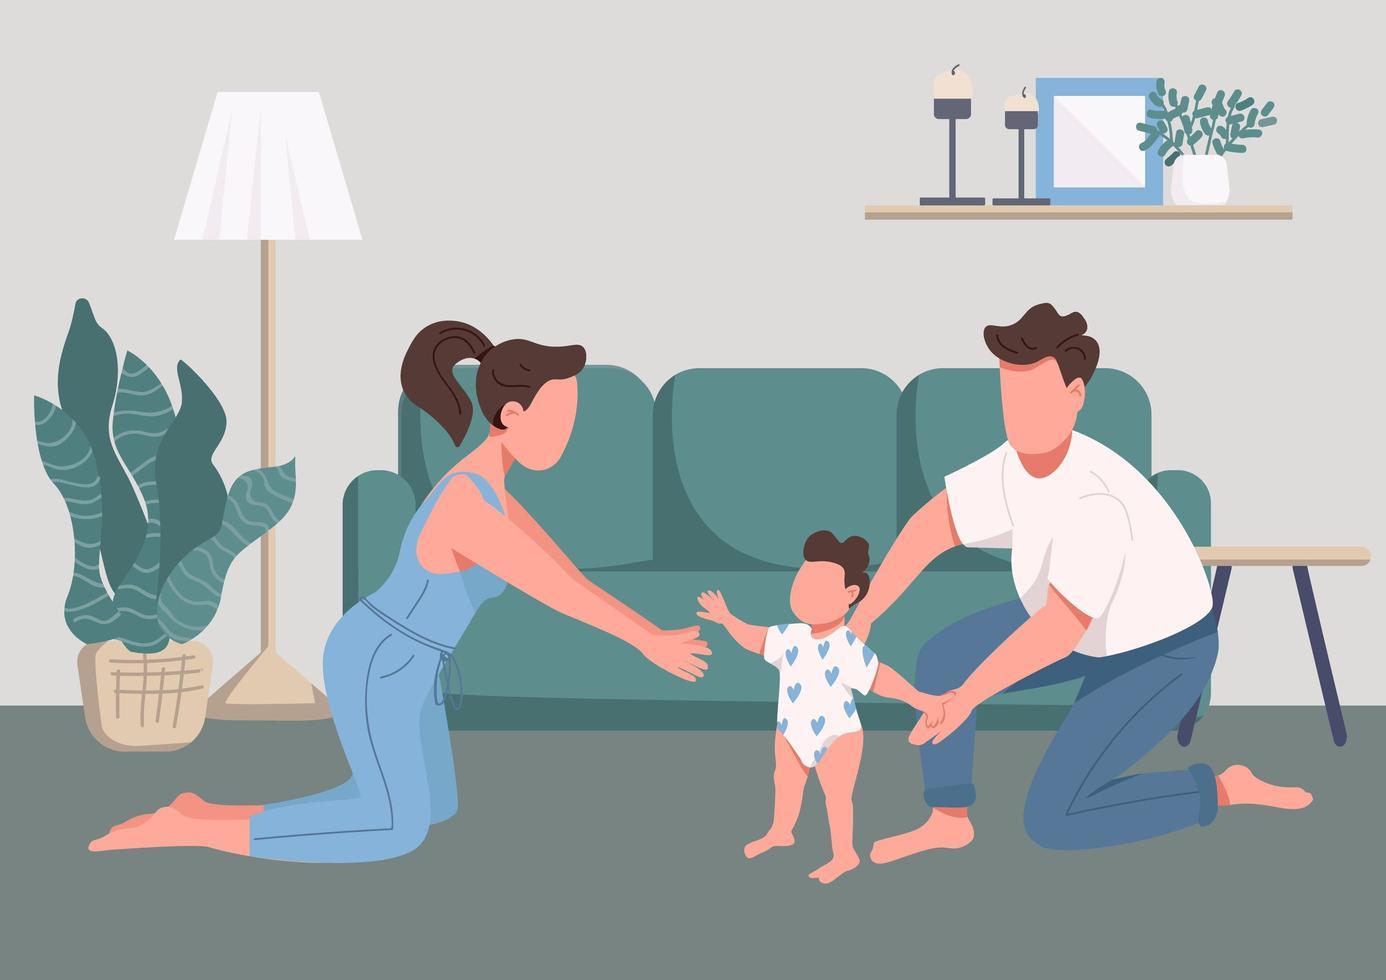 Familie glückliche Momente vektor